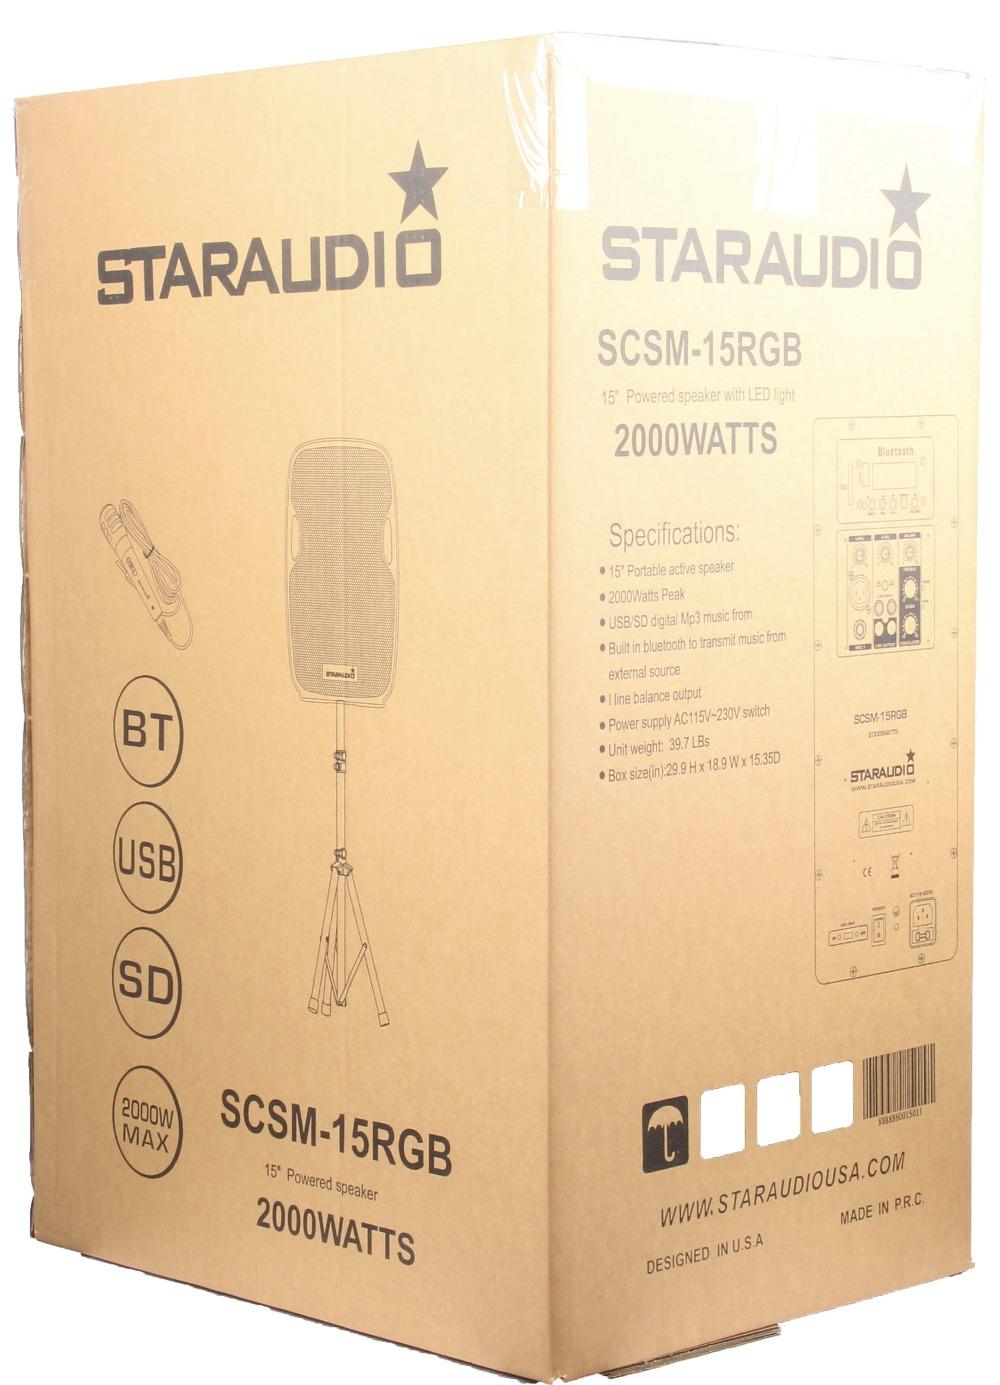 SCSM-15RGB-CARTON RAMP